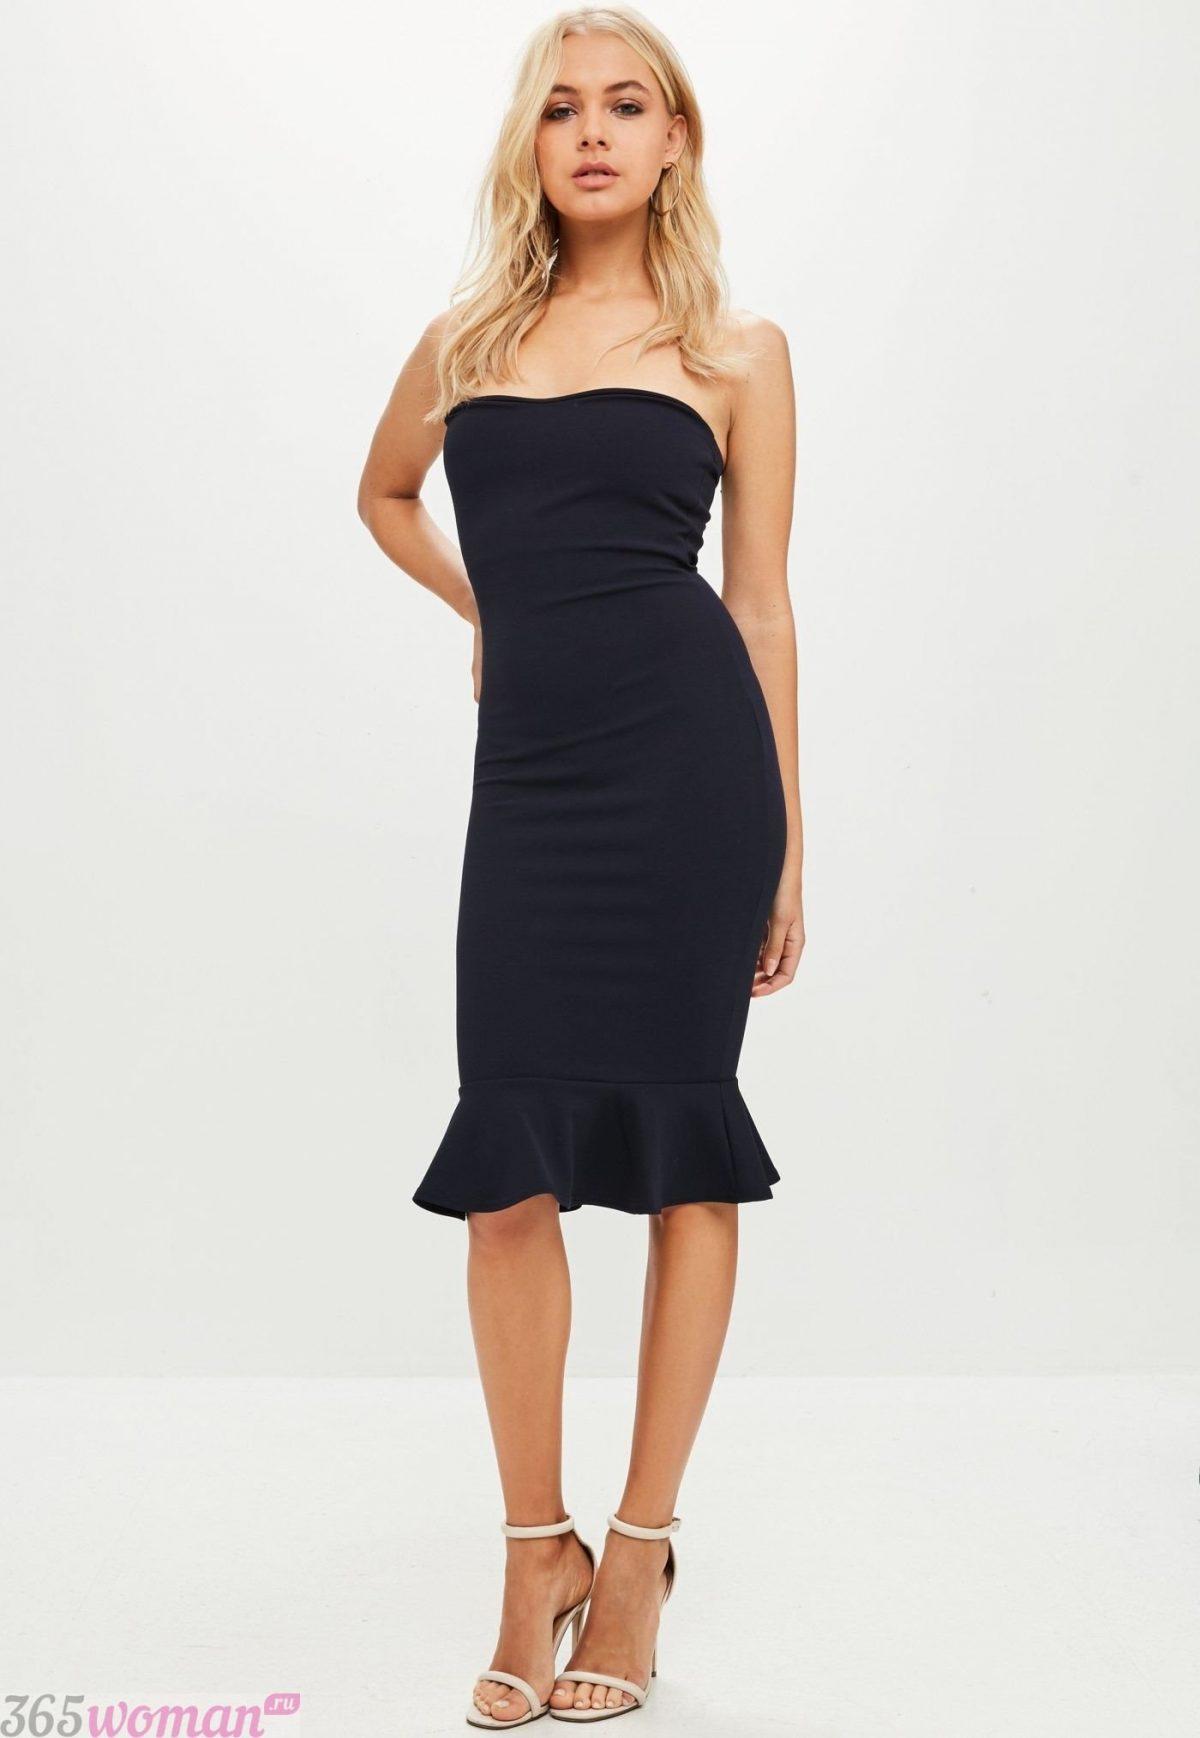 черное платье с открытым верхом